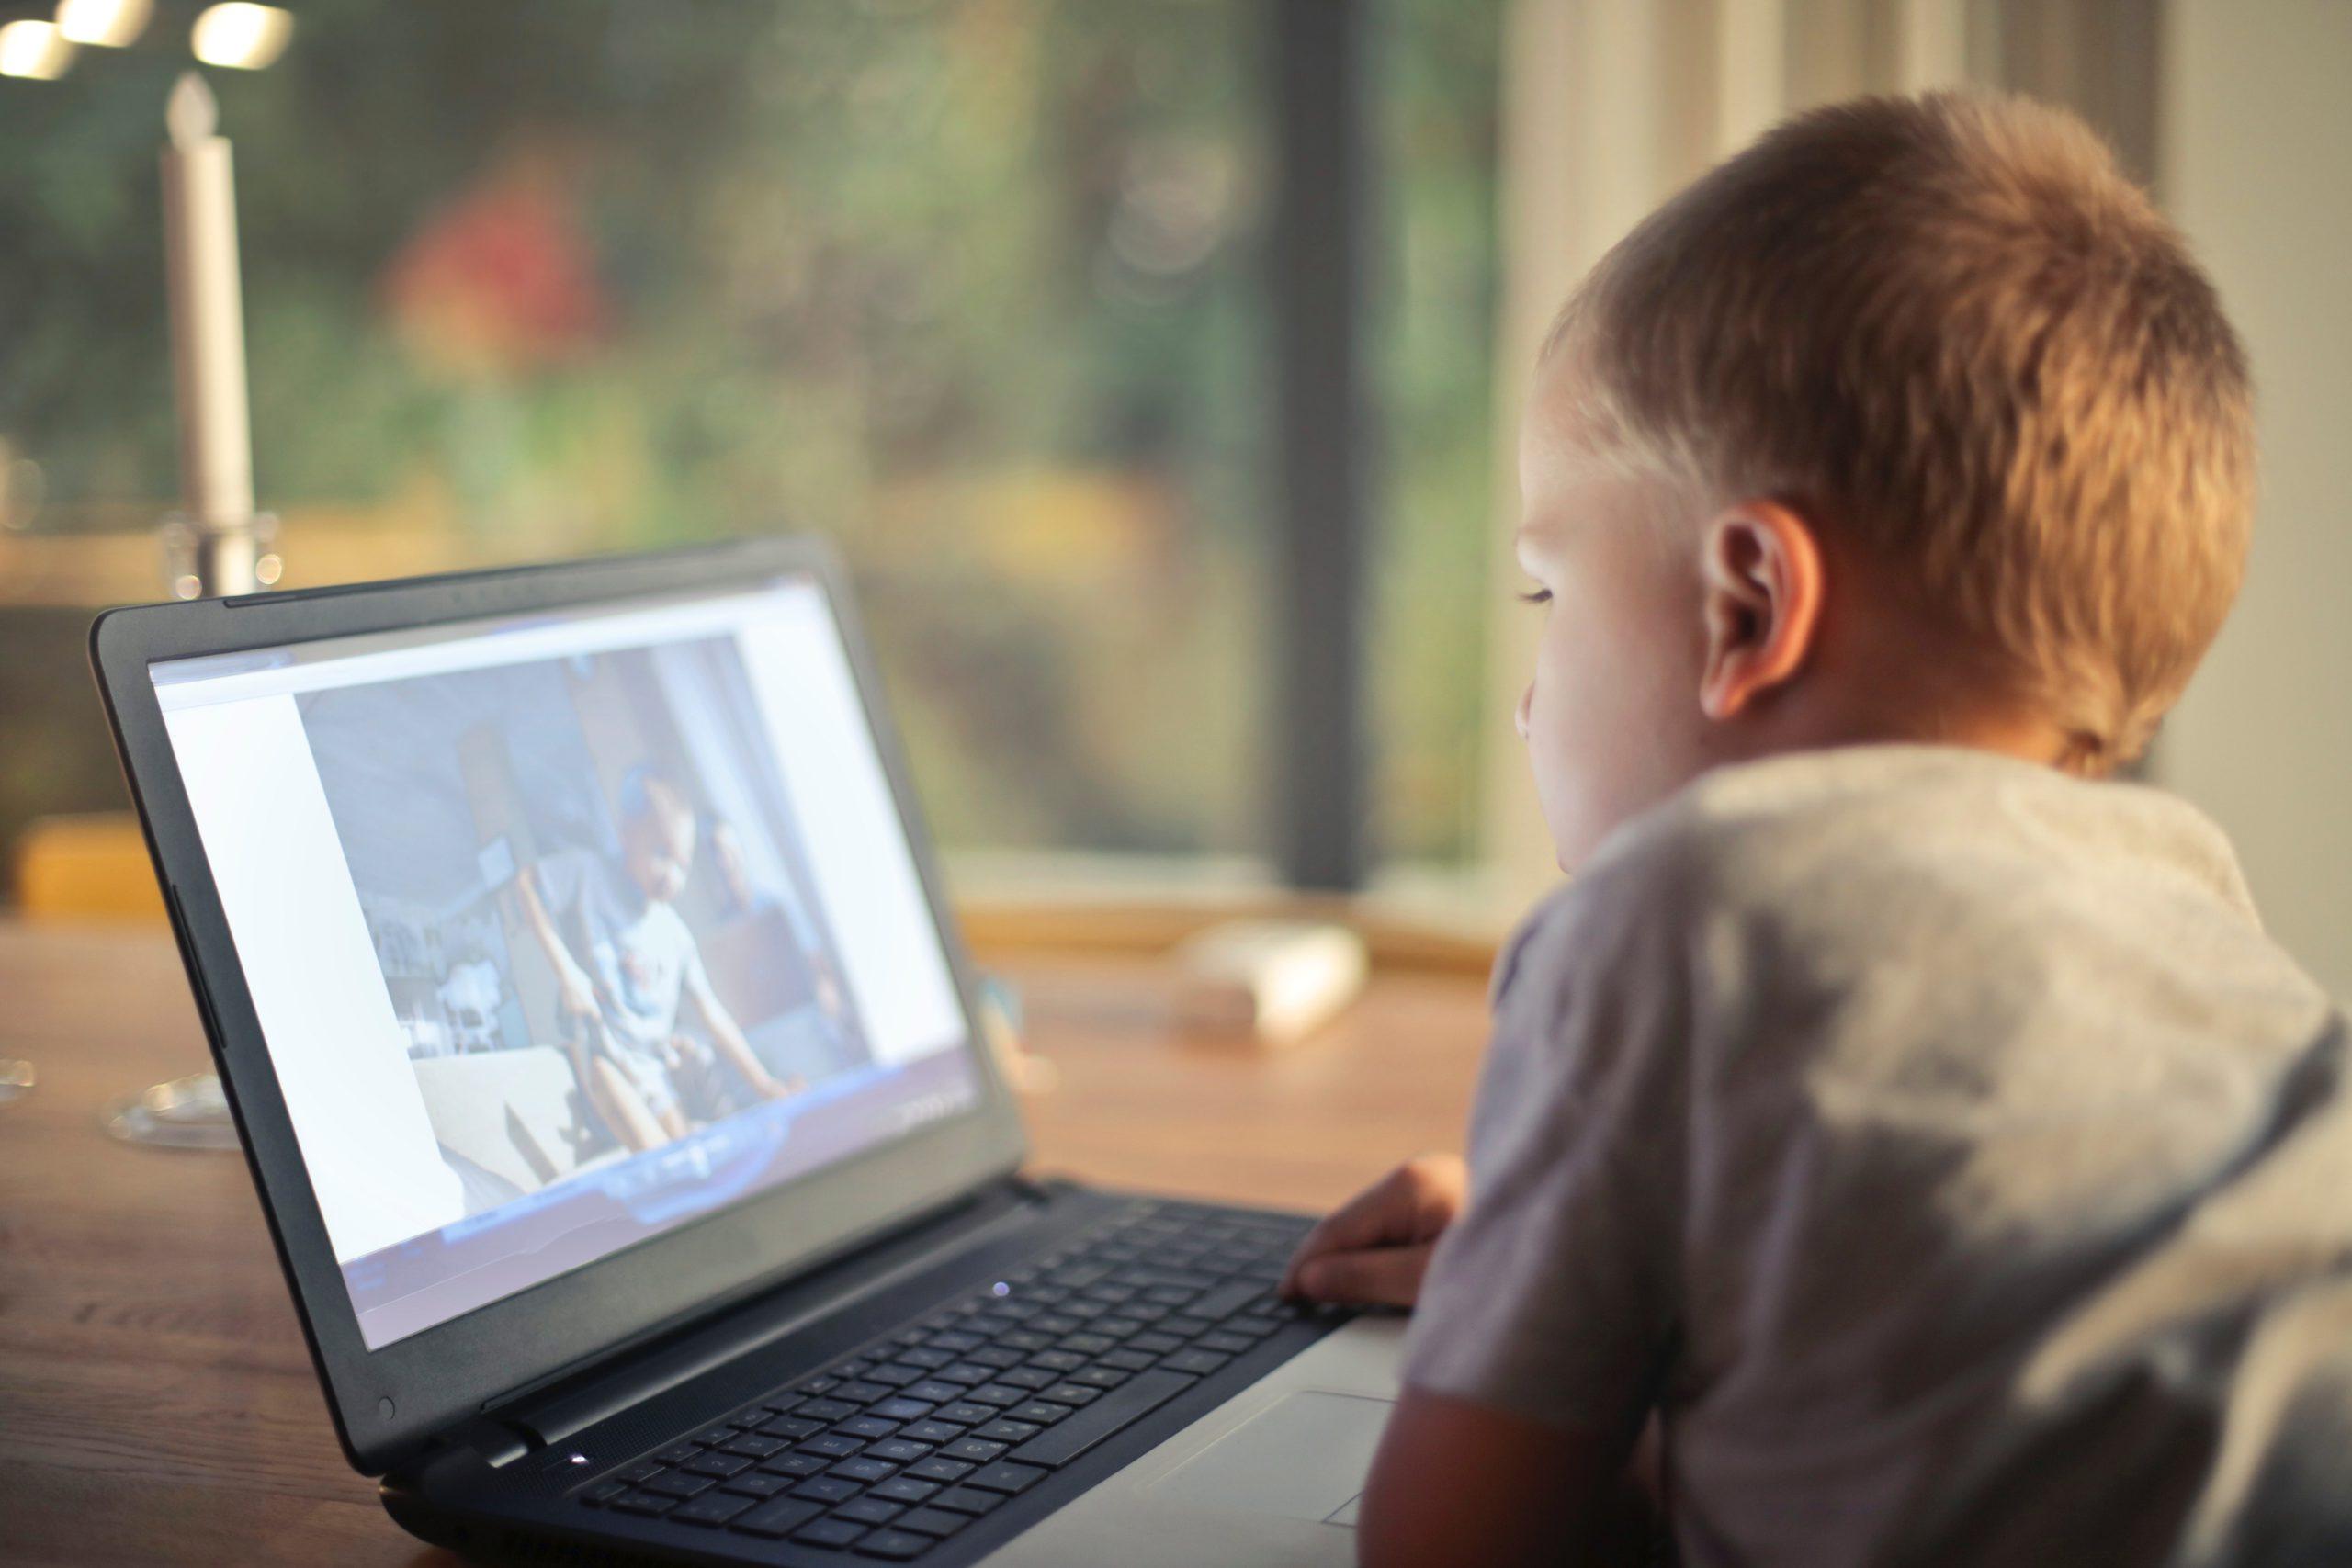 contrôle parental - surveiller vos enfants - prévenir des dangers sur internet